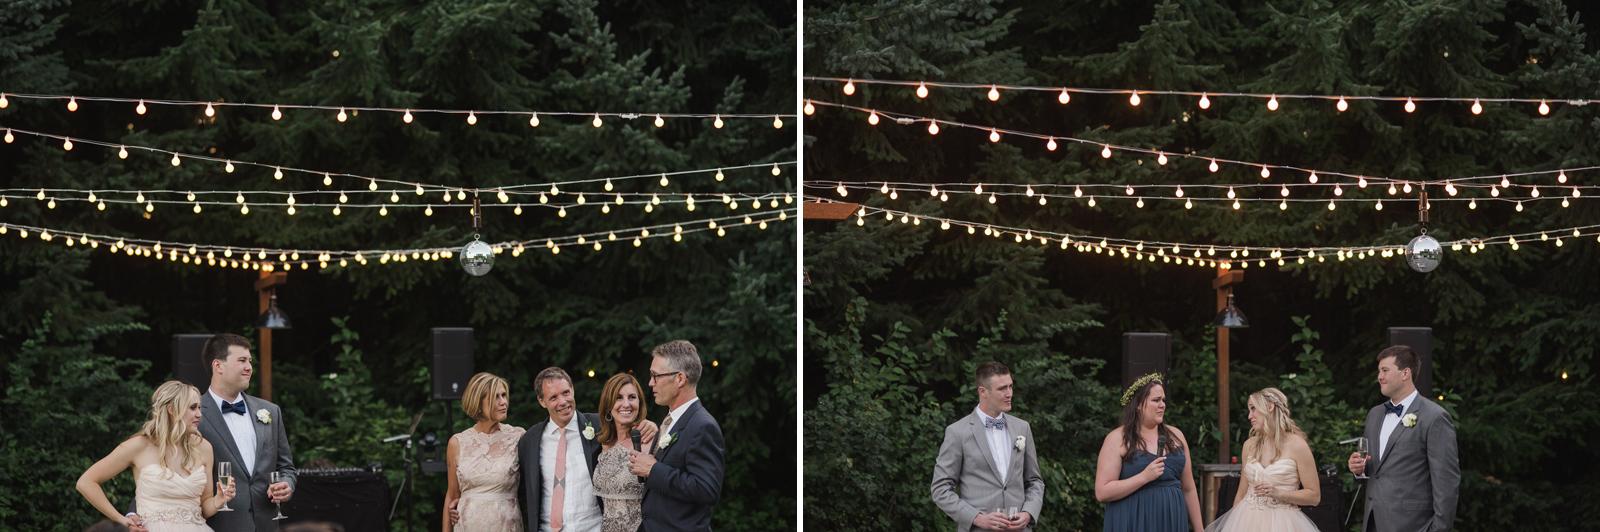 094 gorge crest vineyard wedding